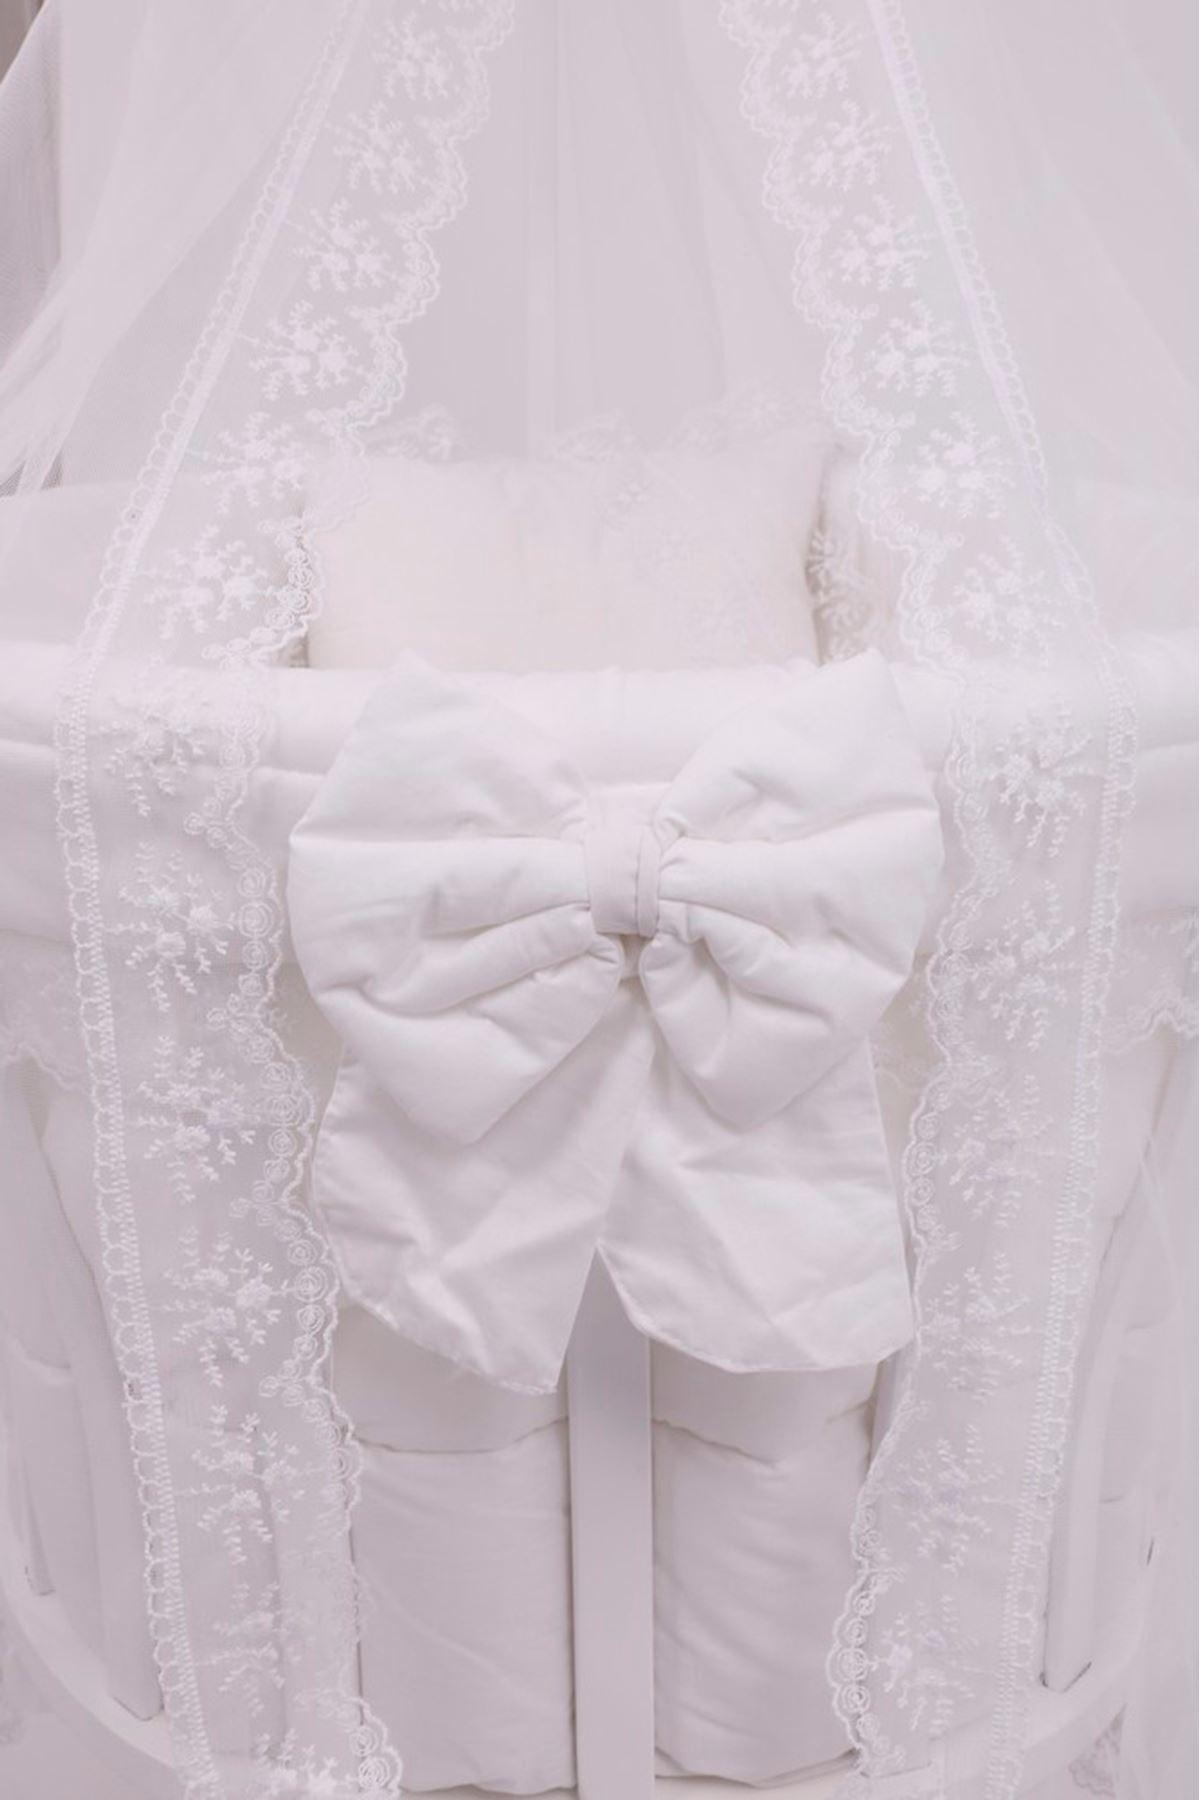 Sepet Beşik İçin Beyaz Fransız Dantelli Bebek Uyku Seti